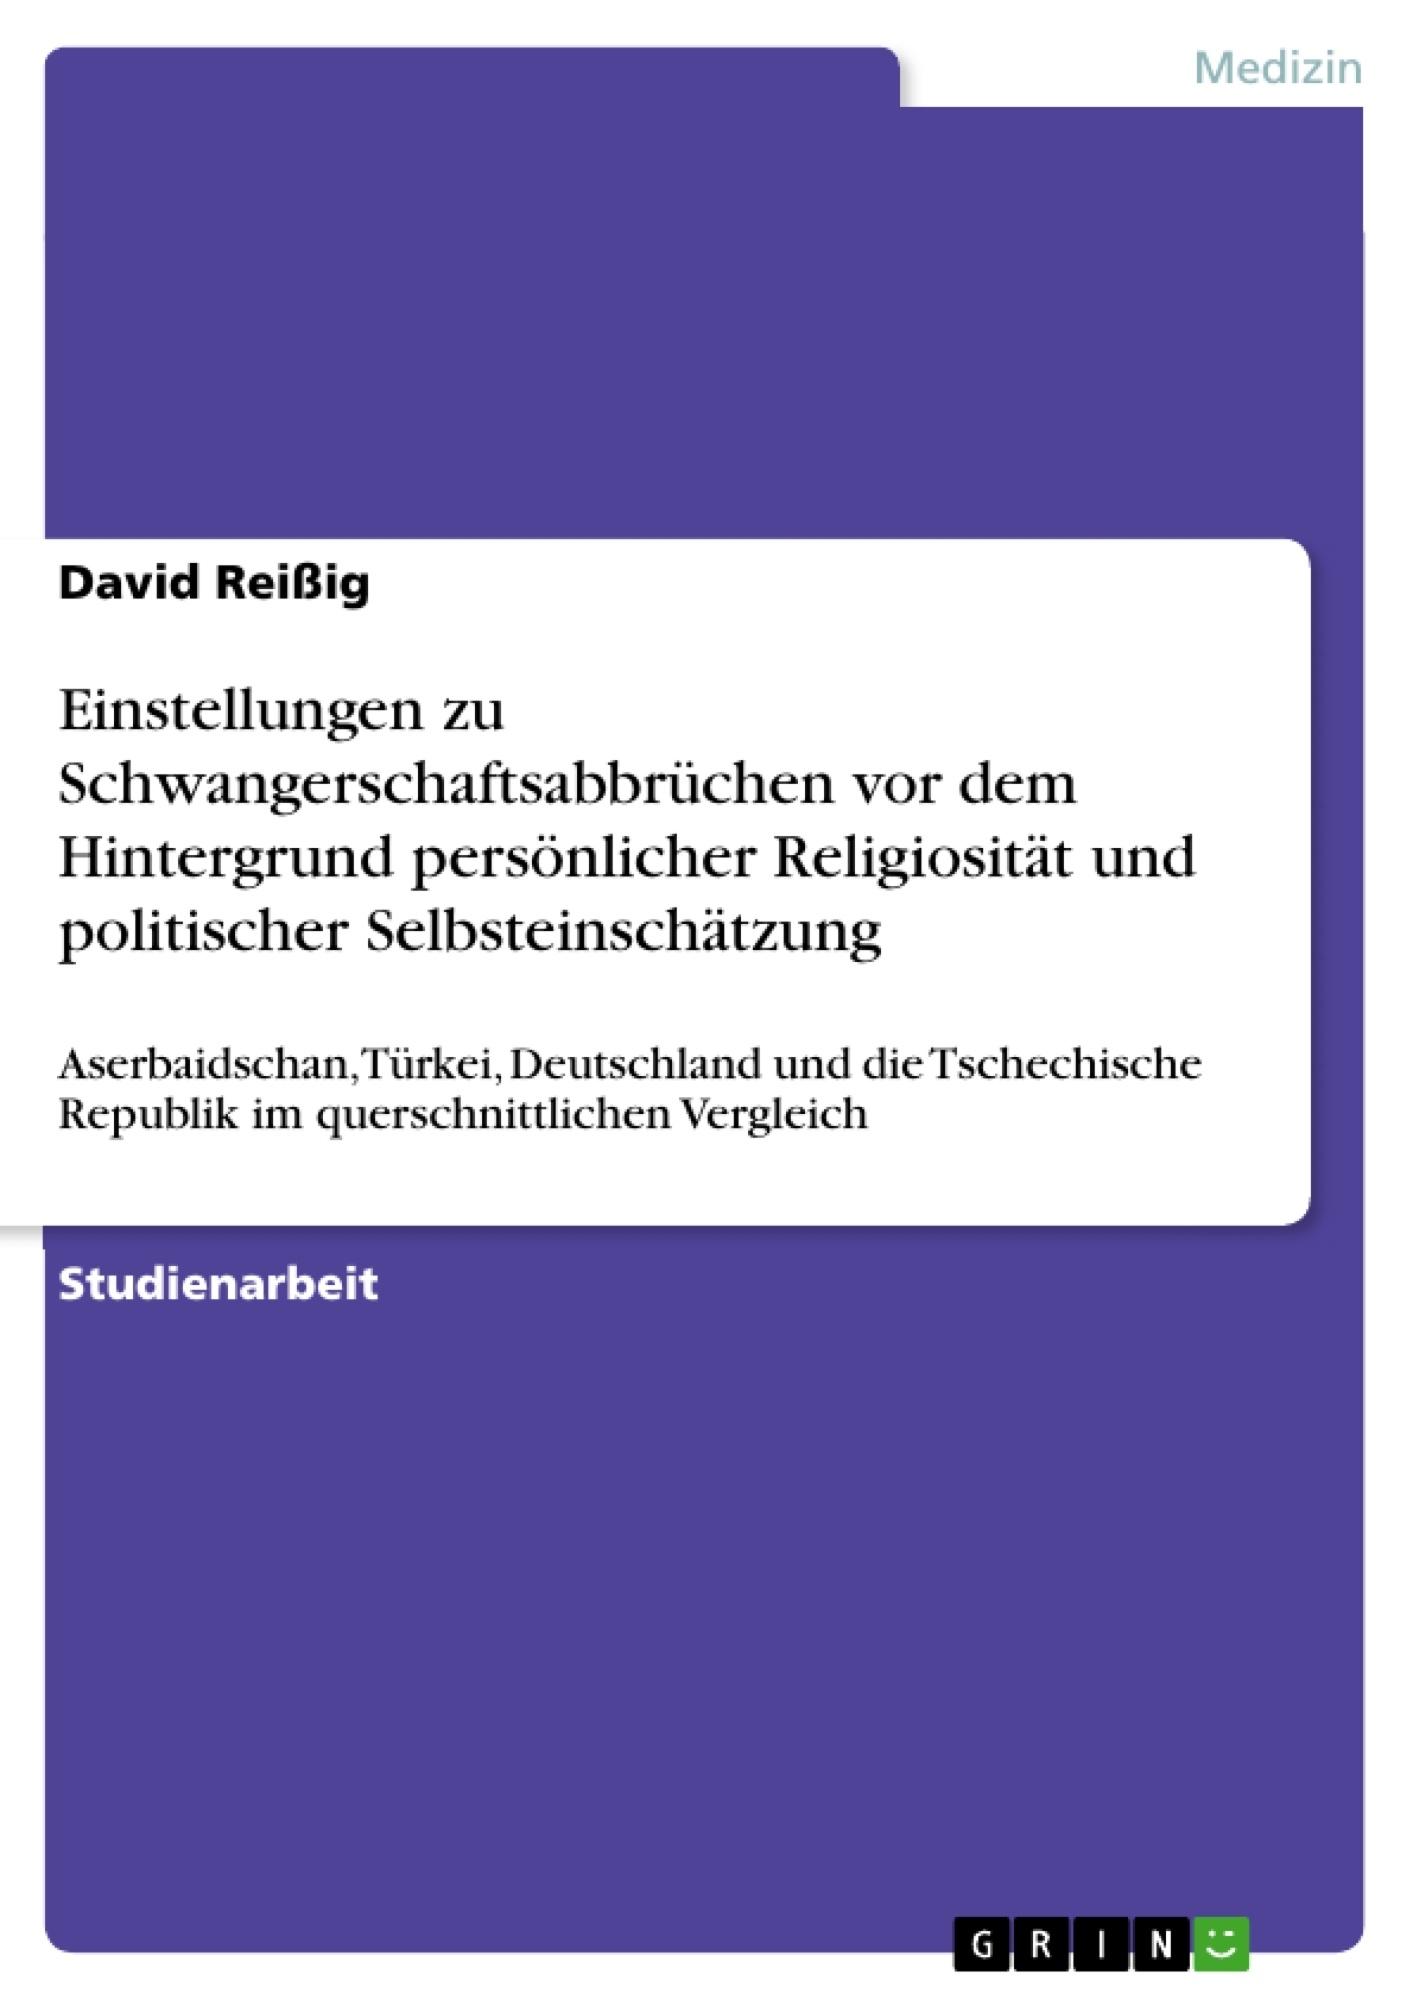 Titel: Einstellungen zu Schwangerschaftsabbrüchen vor dem Hintergrund persönlicher Religiosität und politischer Selbsteinschätzung